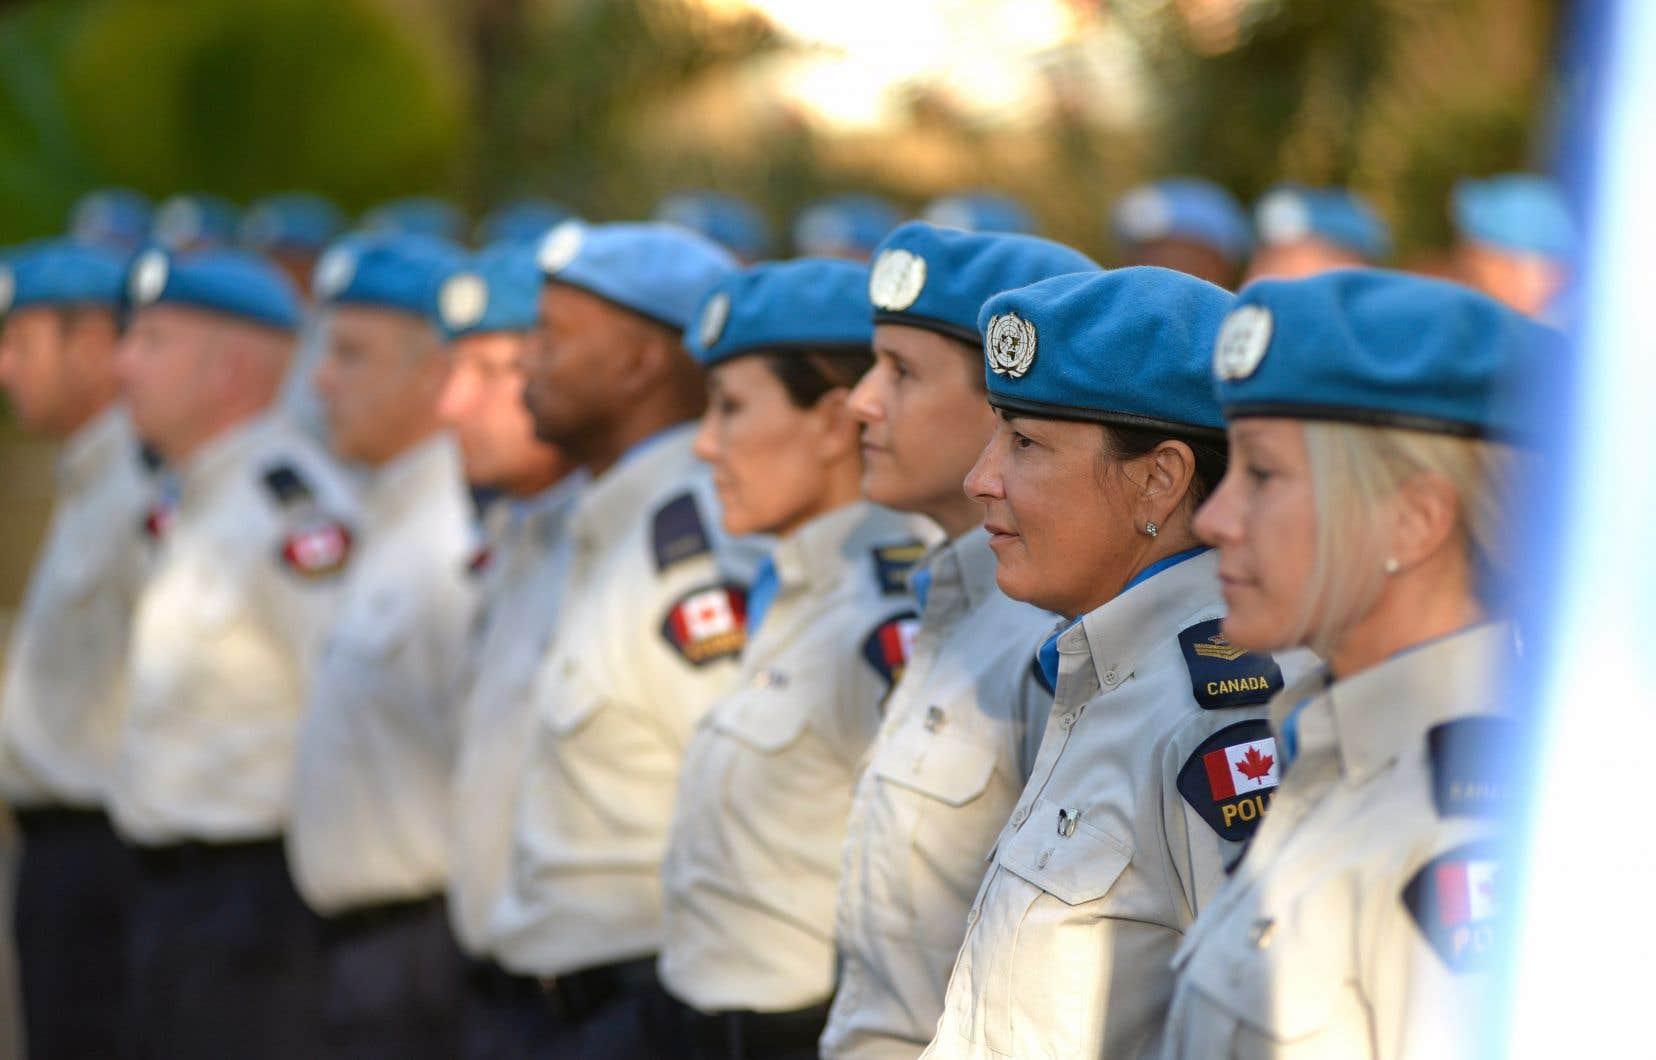 En août 2016, Justin Trudeau avait promis 600 soldats et 150 policiers dans une ou deux missions de paix de l'ONU.